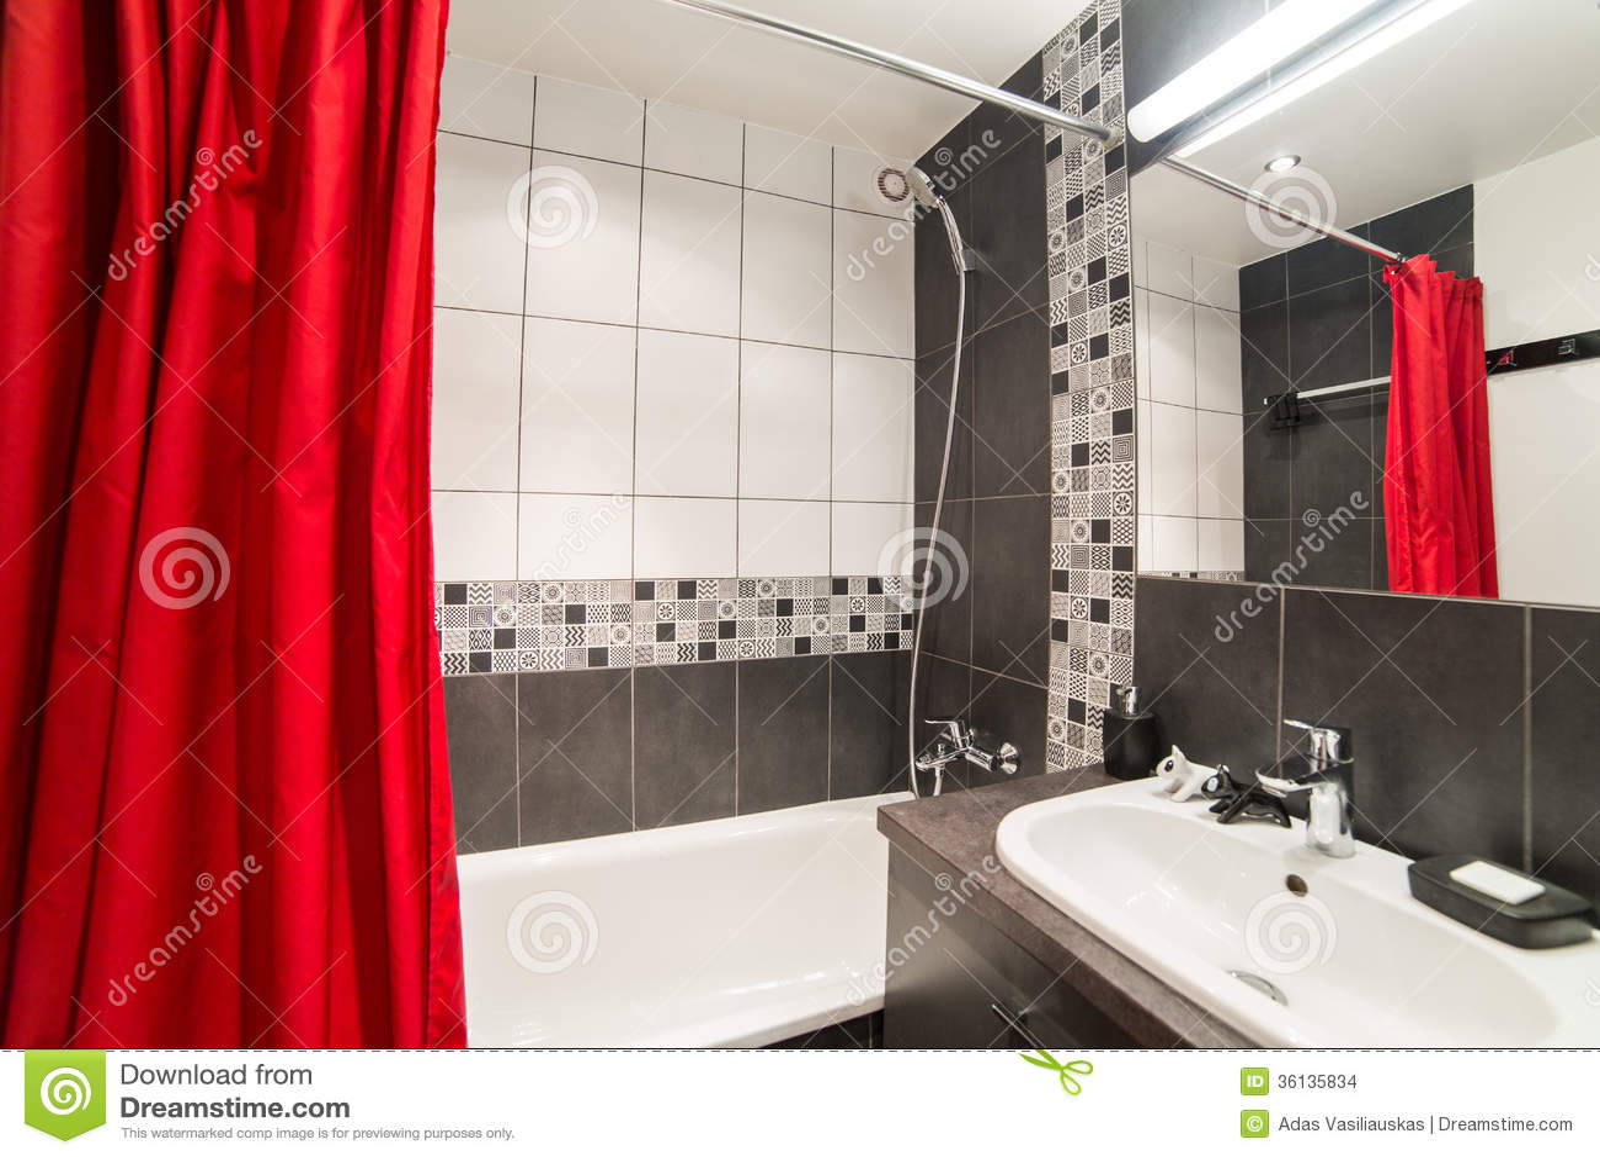 Bagno moderno con il lavandino e le tende rosse fotografia - Tende in bagno ...